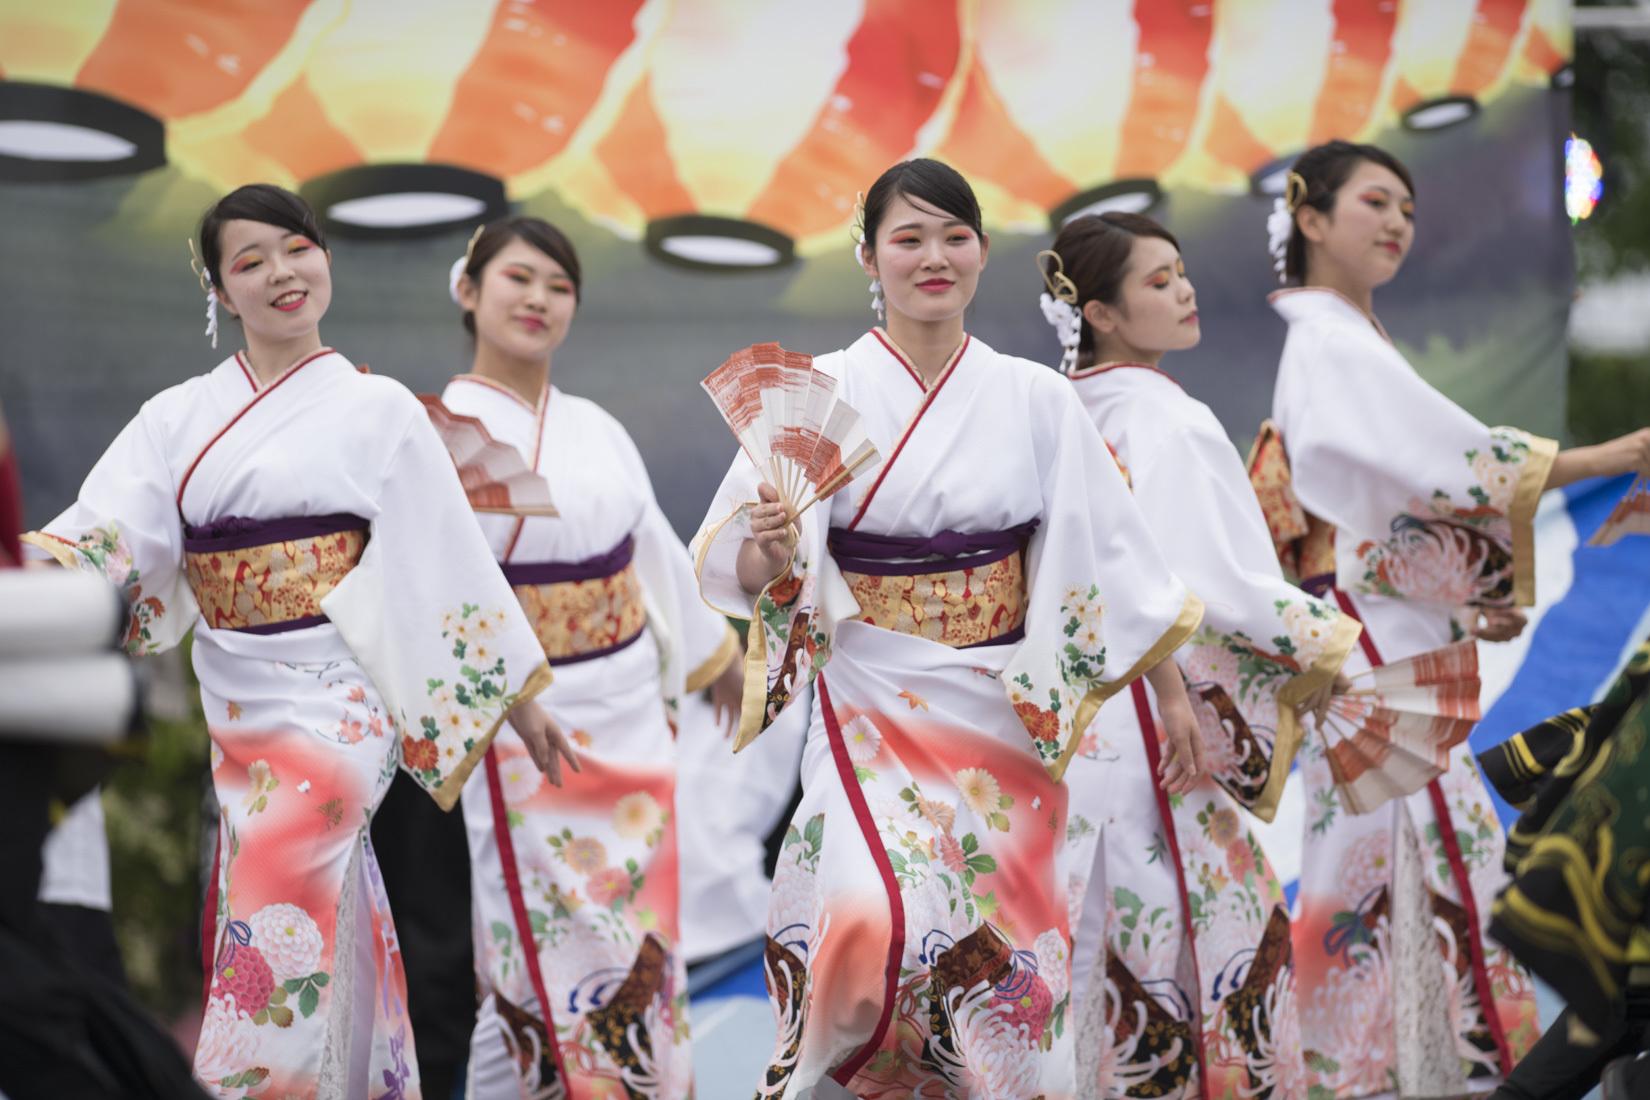 2019 犬山踊芸祭『浜松学生連 鰻陀羅』_f0184198_00134237.jpg